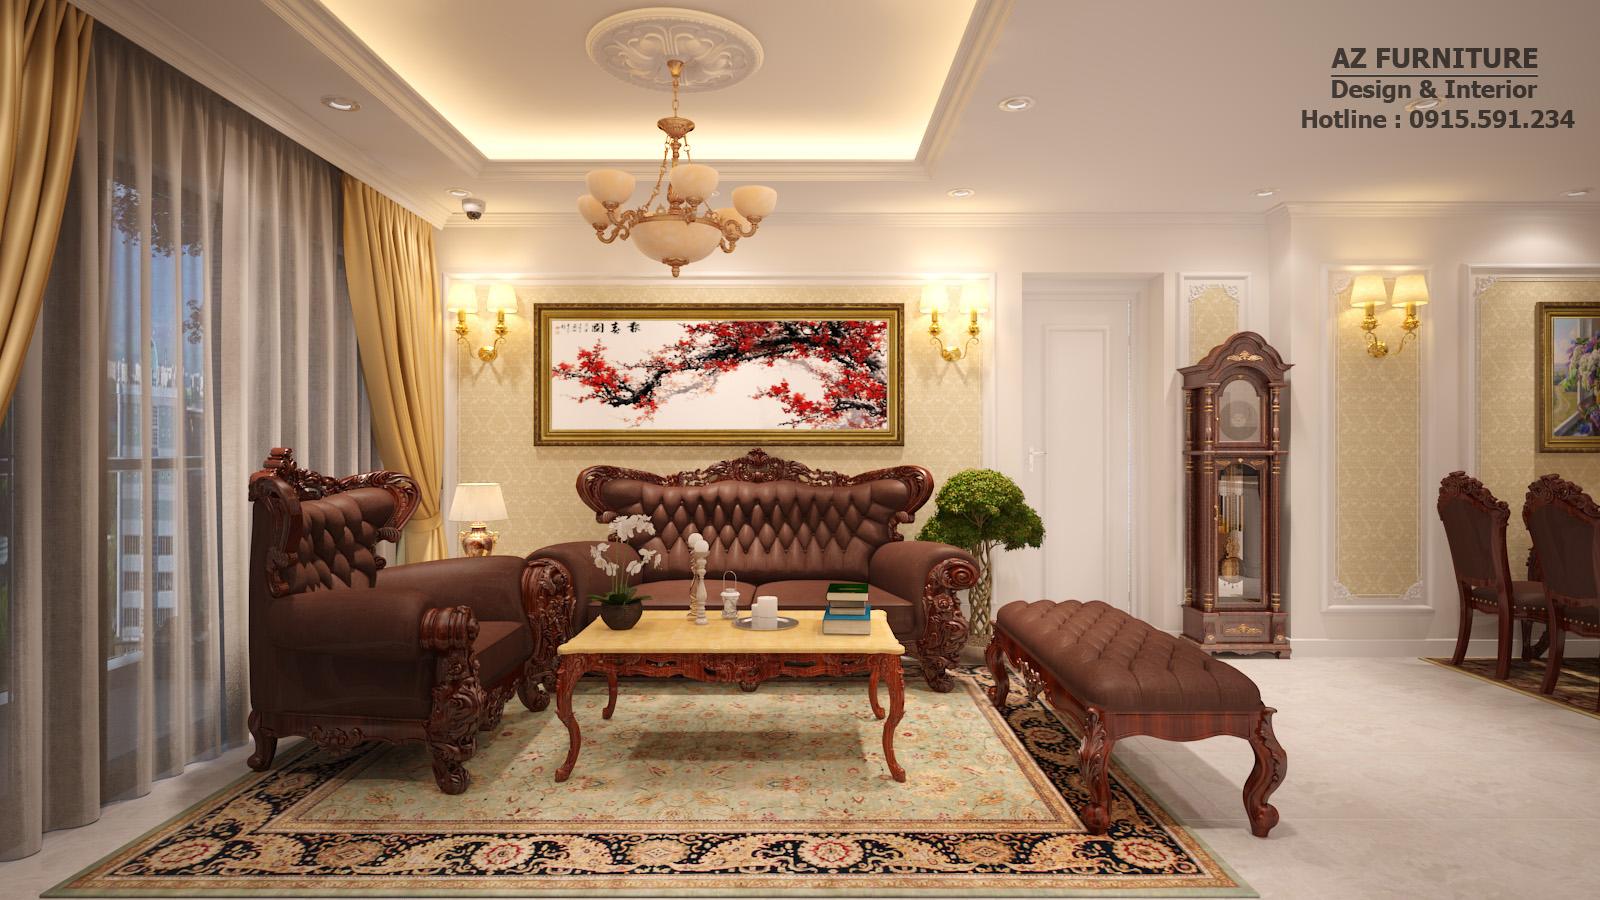 Thiết kế nội thất phòng khách tân cổ điển - Hottline: 091 559 1234